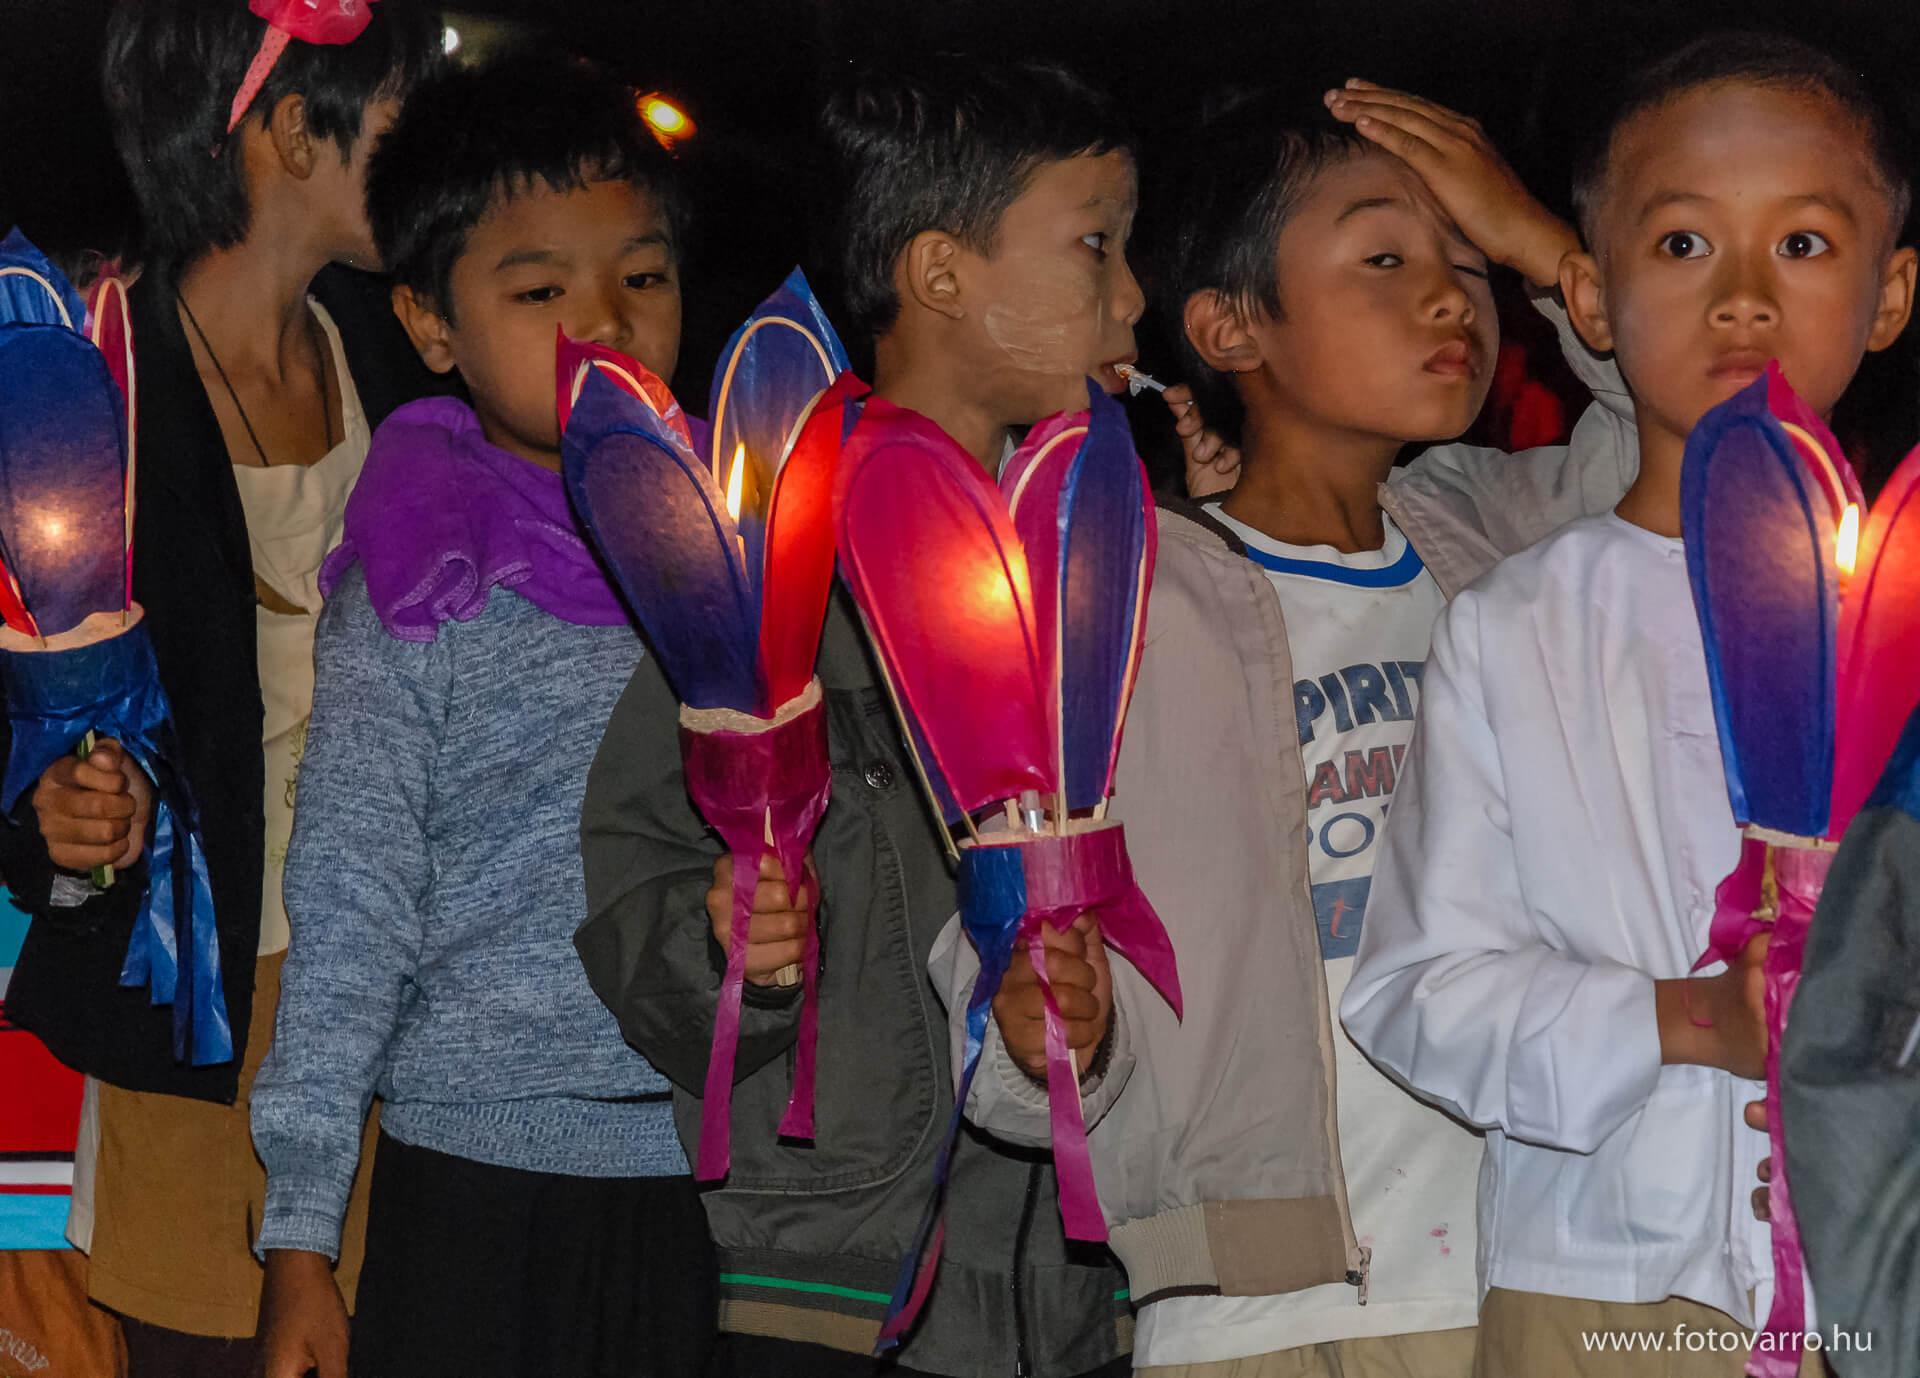 Burma_fotovarro_26